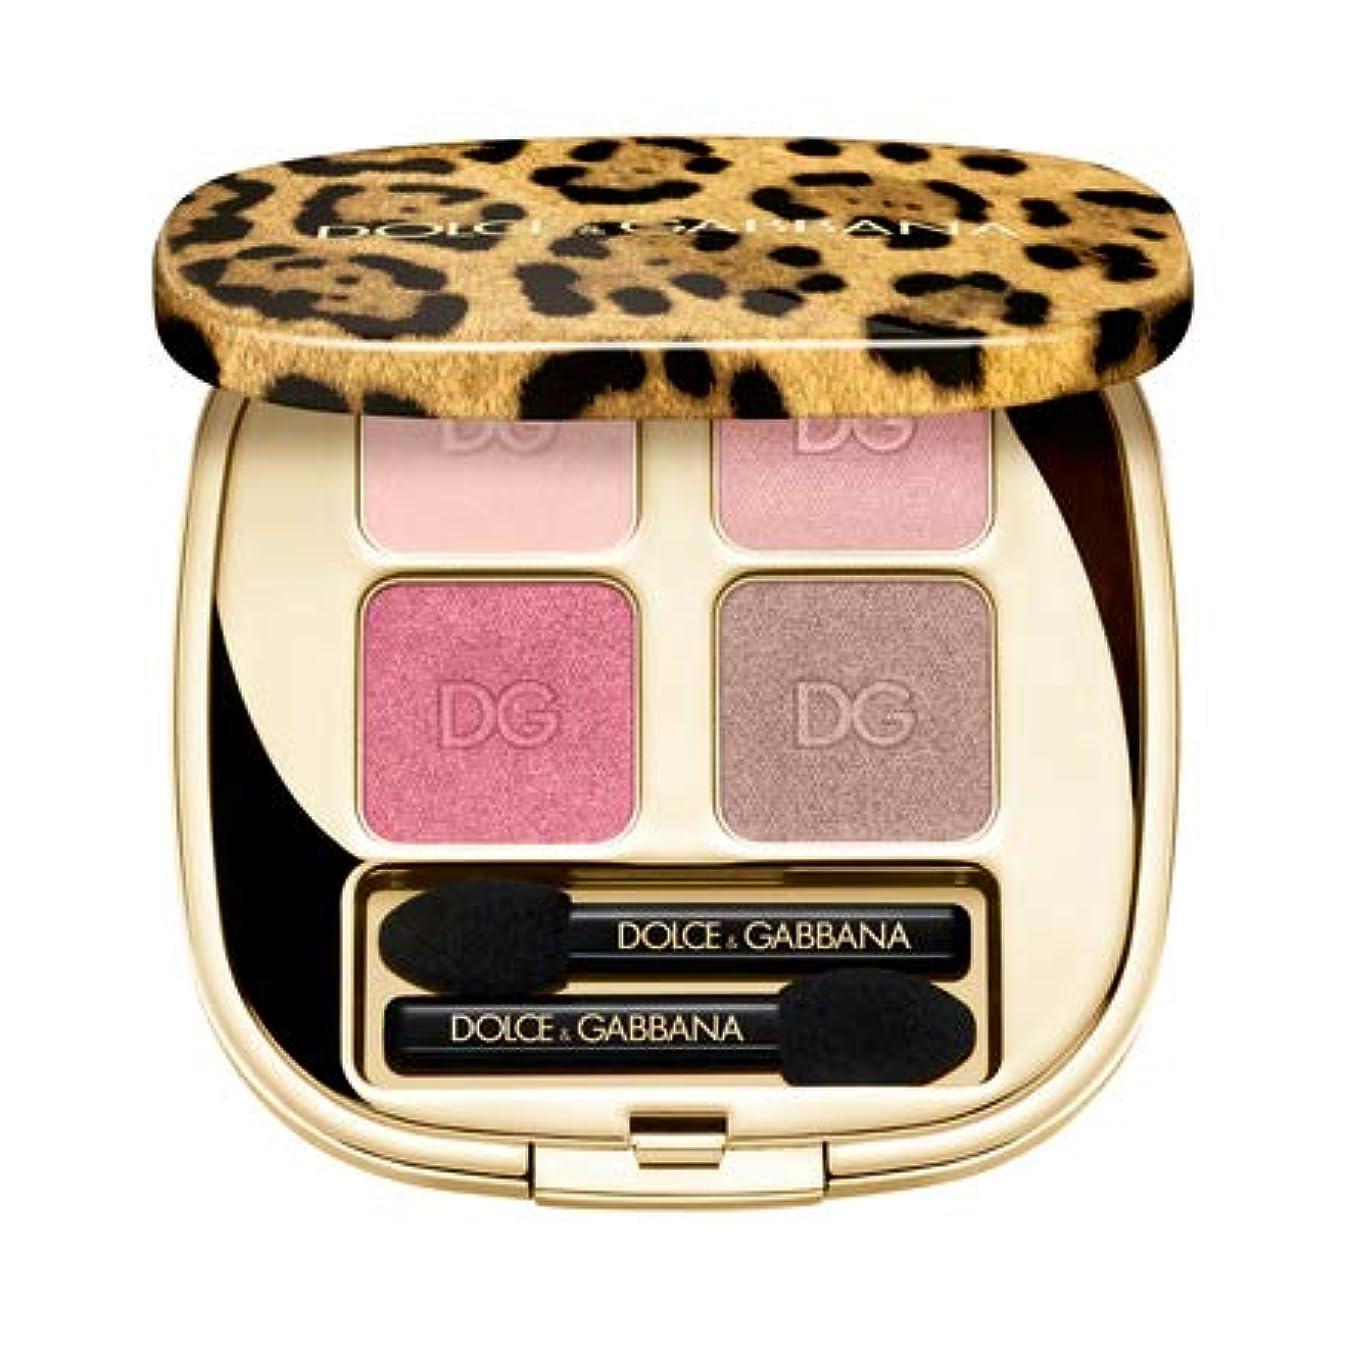 マントジャム認可【Dolce & Gabbana(ドルチェ&ガッバーナ)】フェリンアイズ インテンスアイシャドウ クアッド (6)